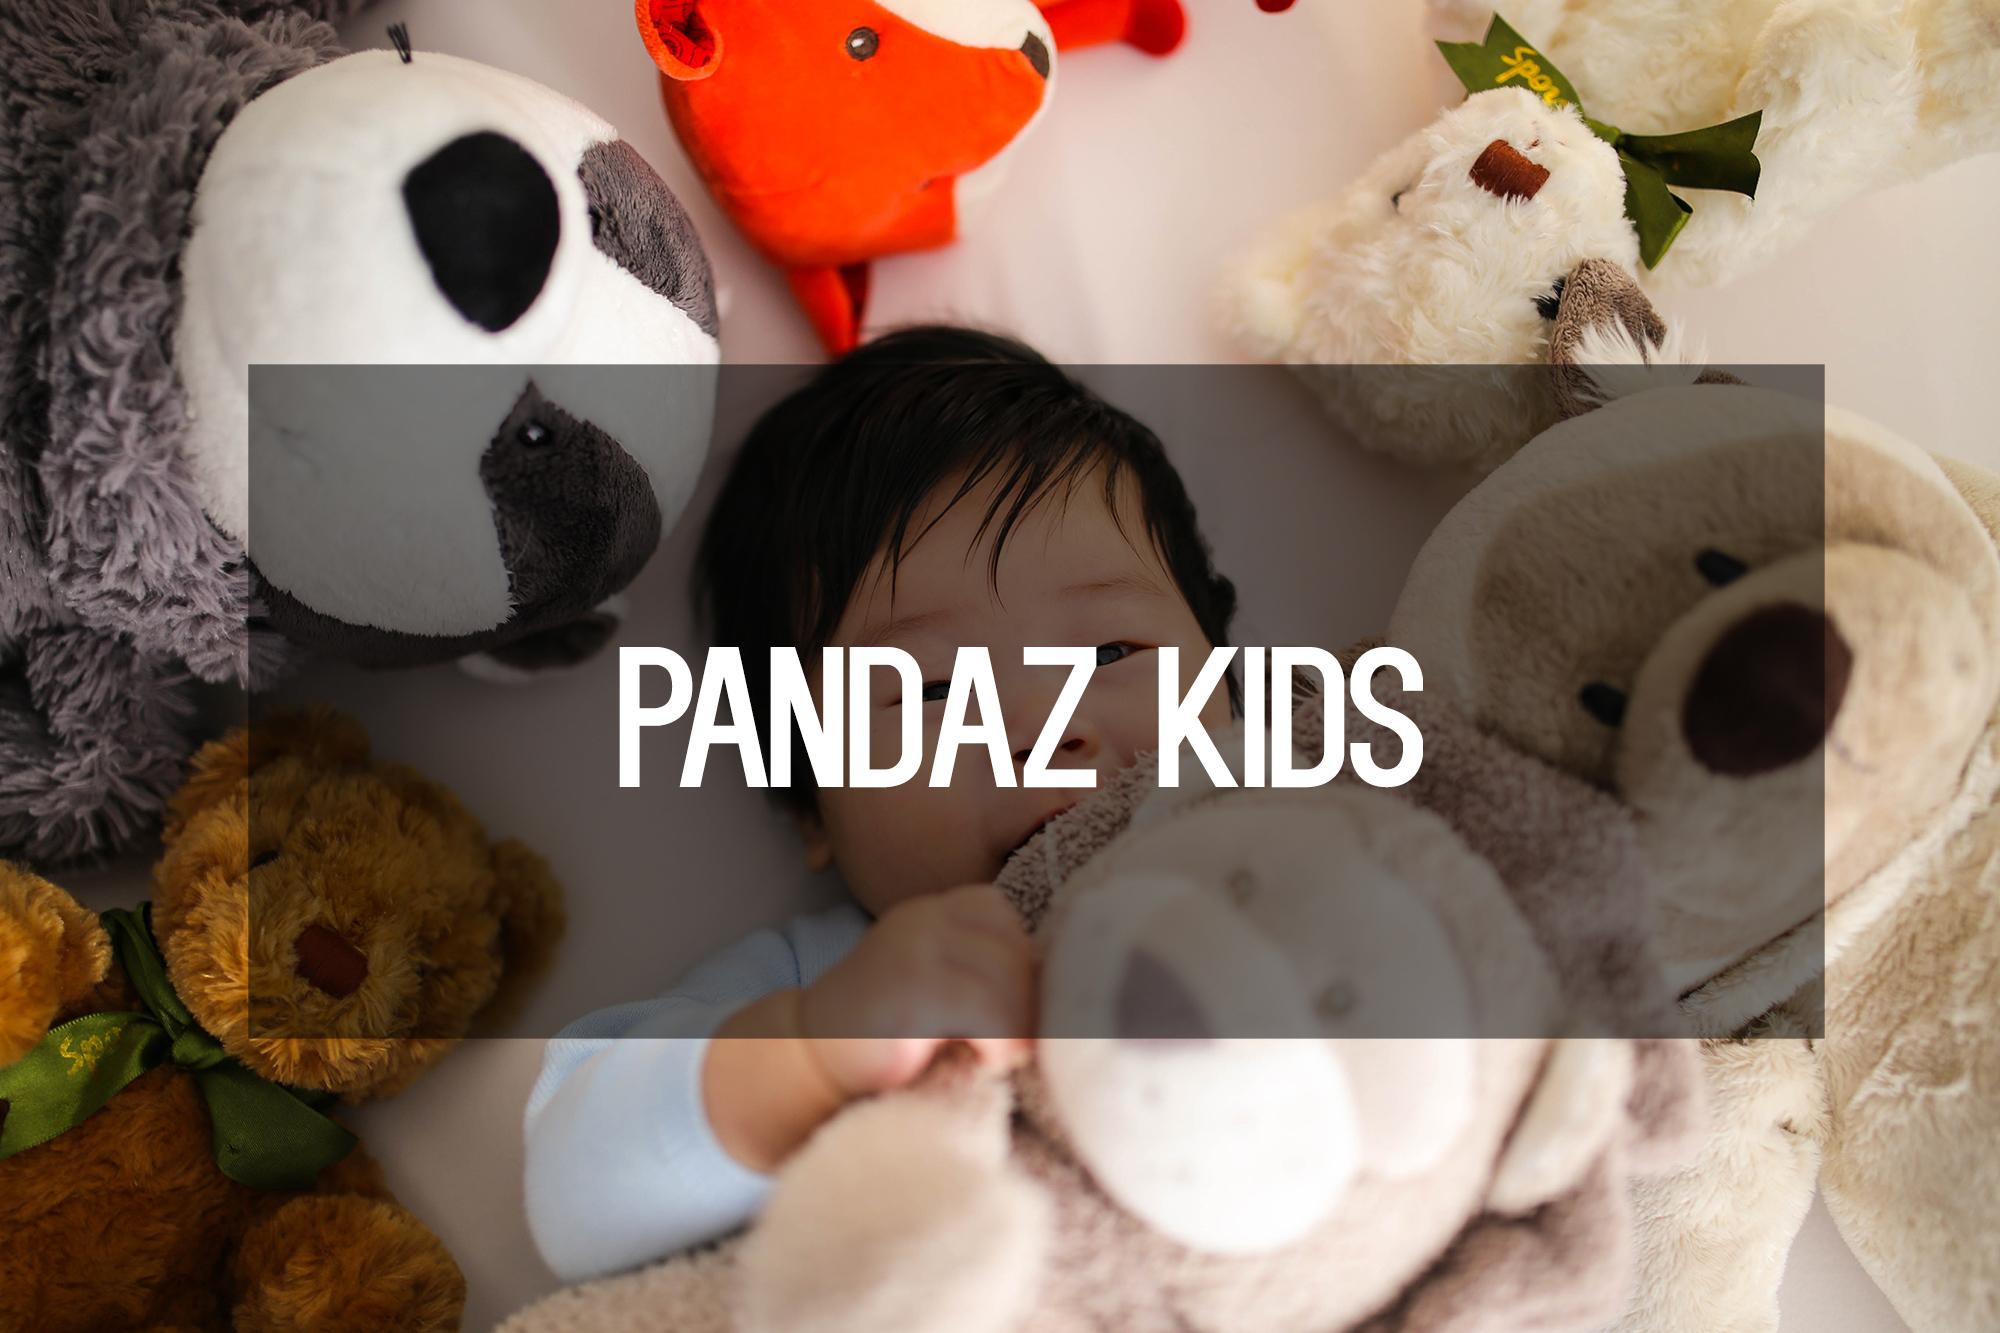 Pandaz Kids